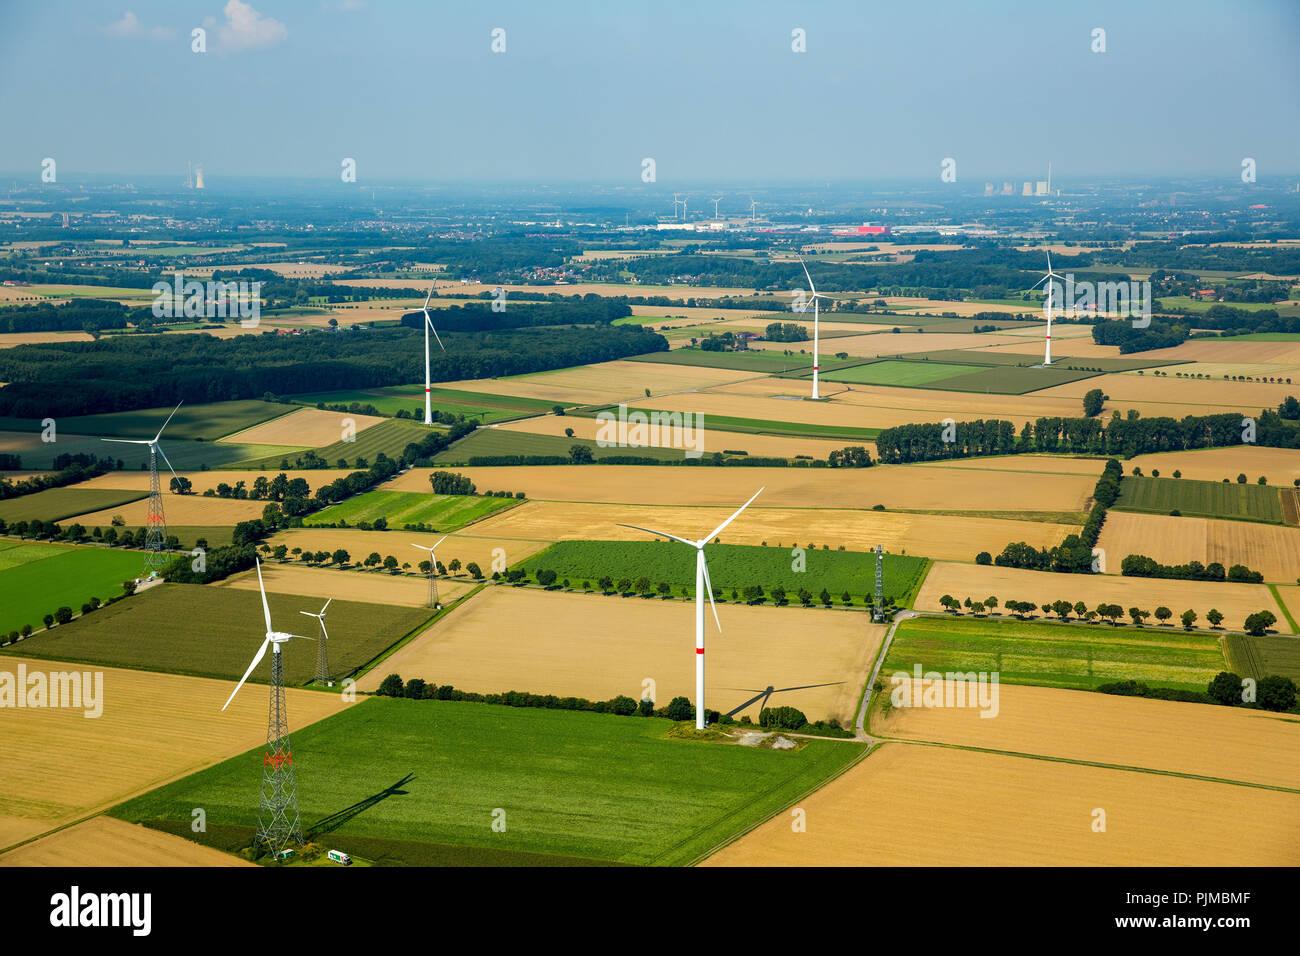 I campi, agricoltura, energia alternativa, energia eolica, le turbine eoliche ad ovest di Hilbeck, Werl, Soester Börde, Nord Reno-Westfalia, Germania Immagini Stock